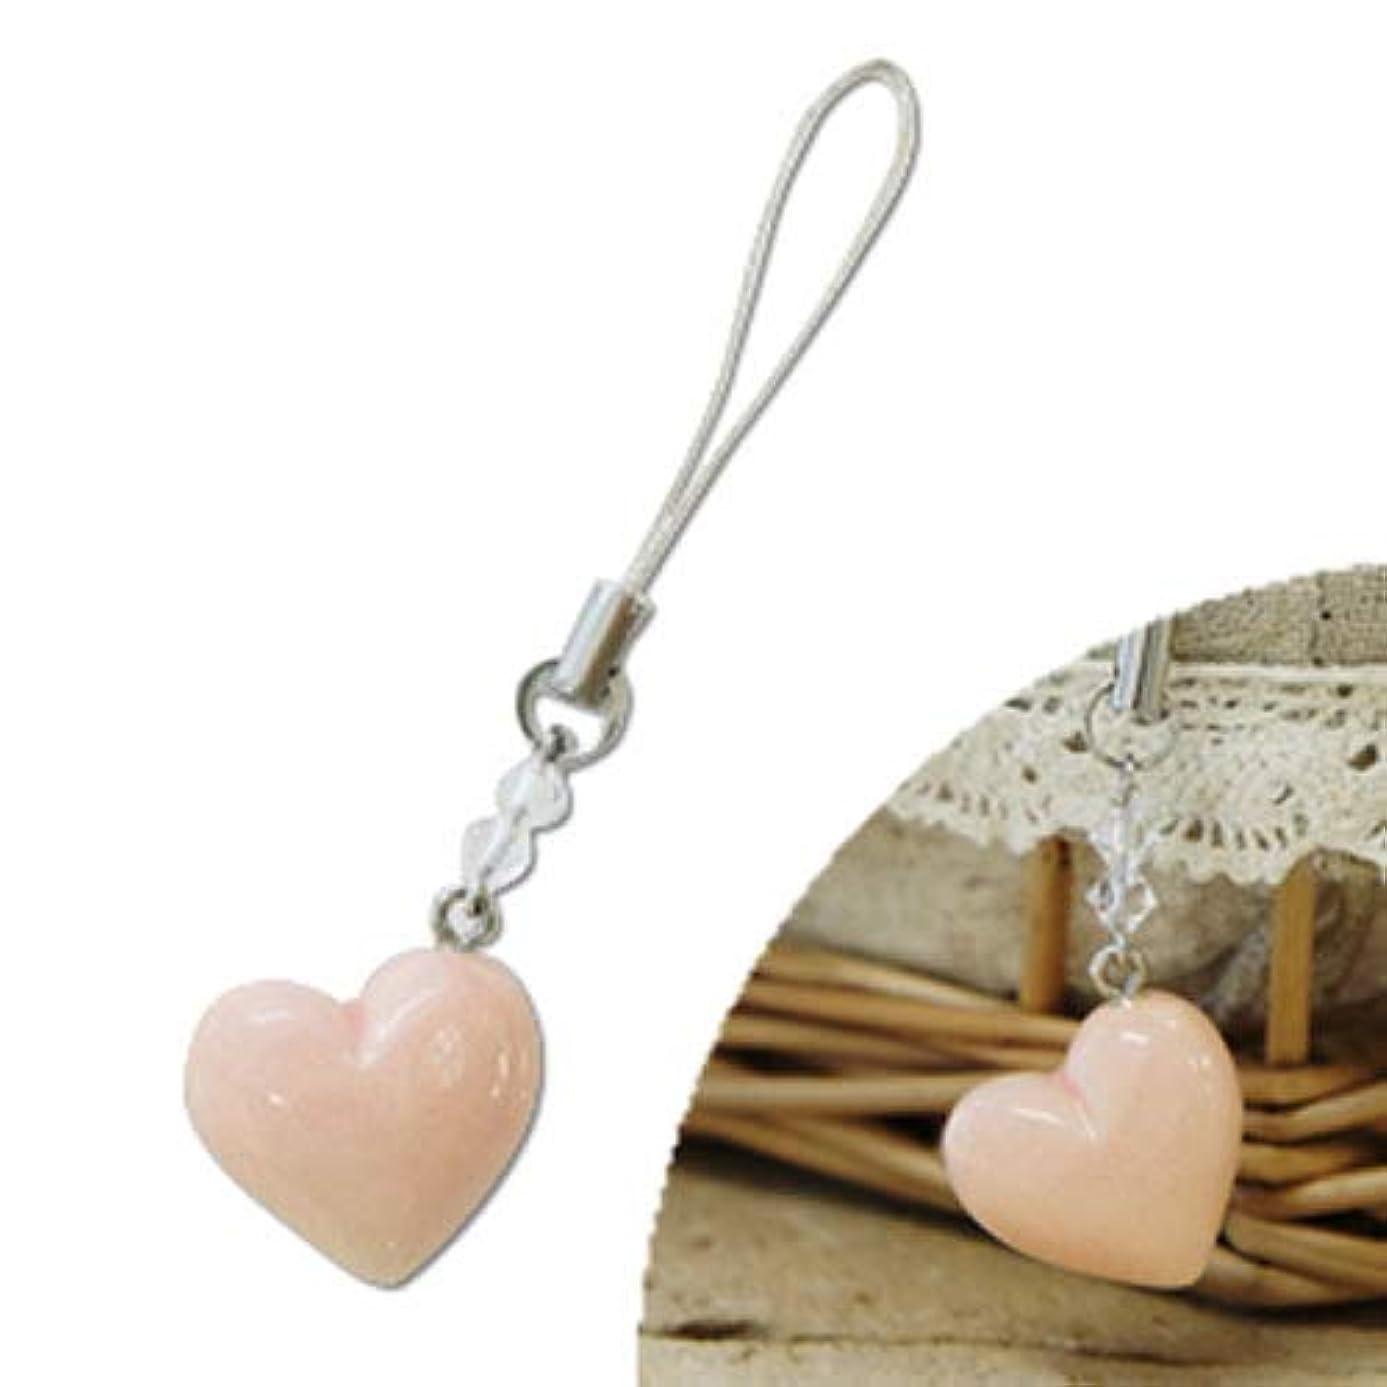 京焼アロマストラップ PINK HEART(ピンクハート)